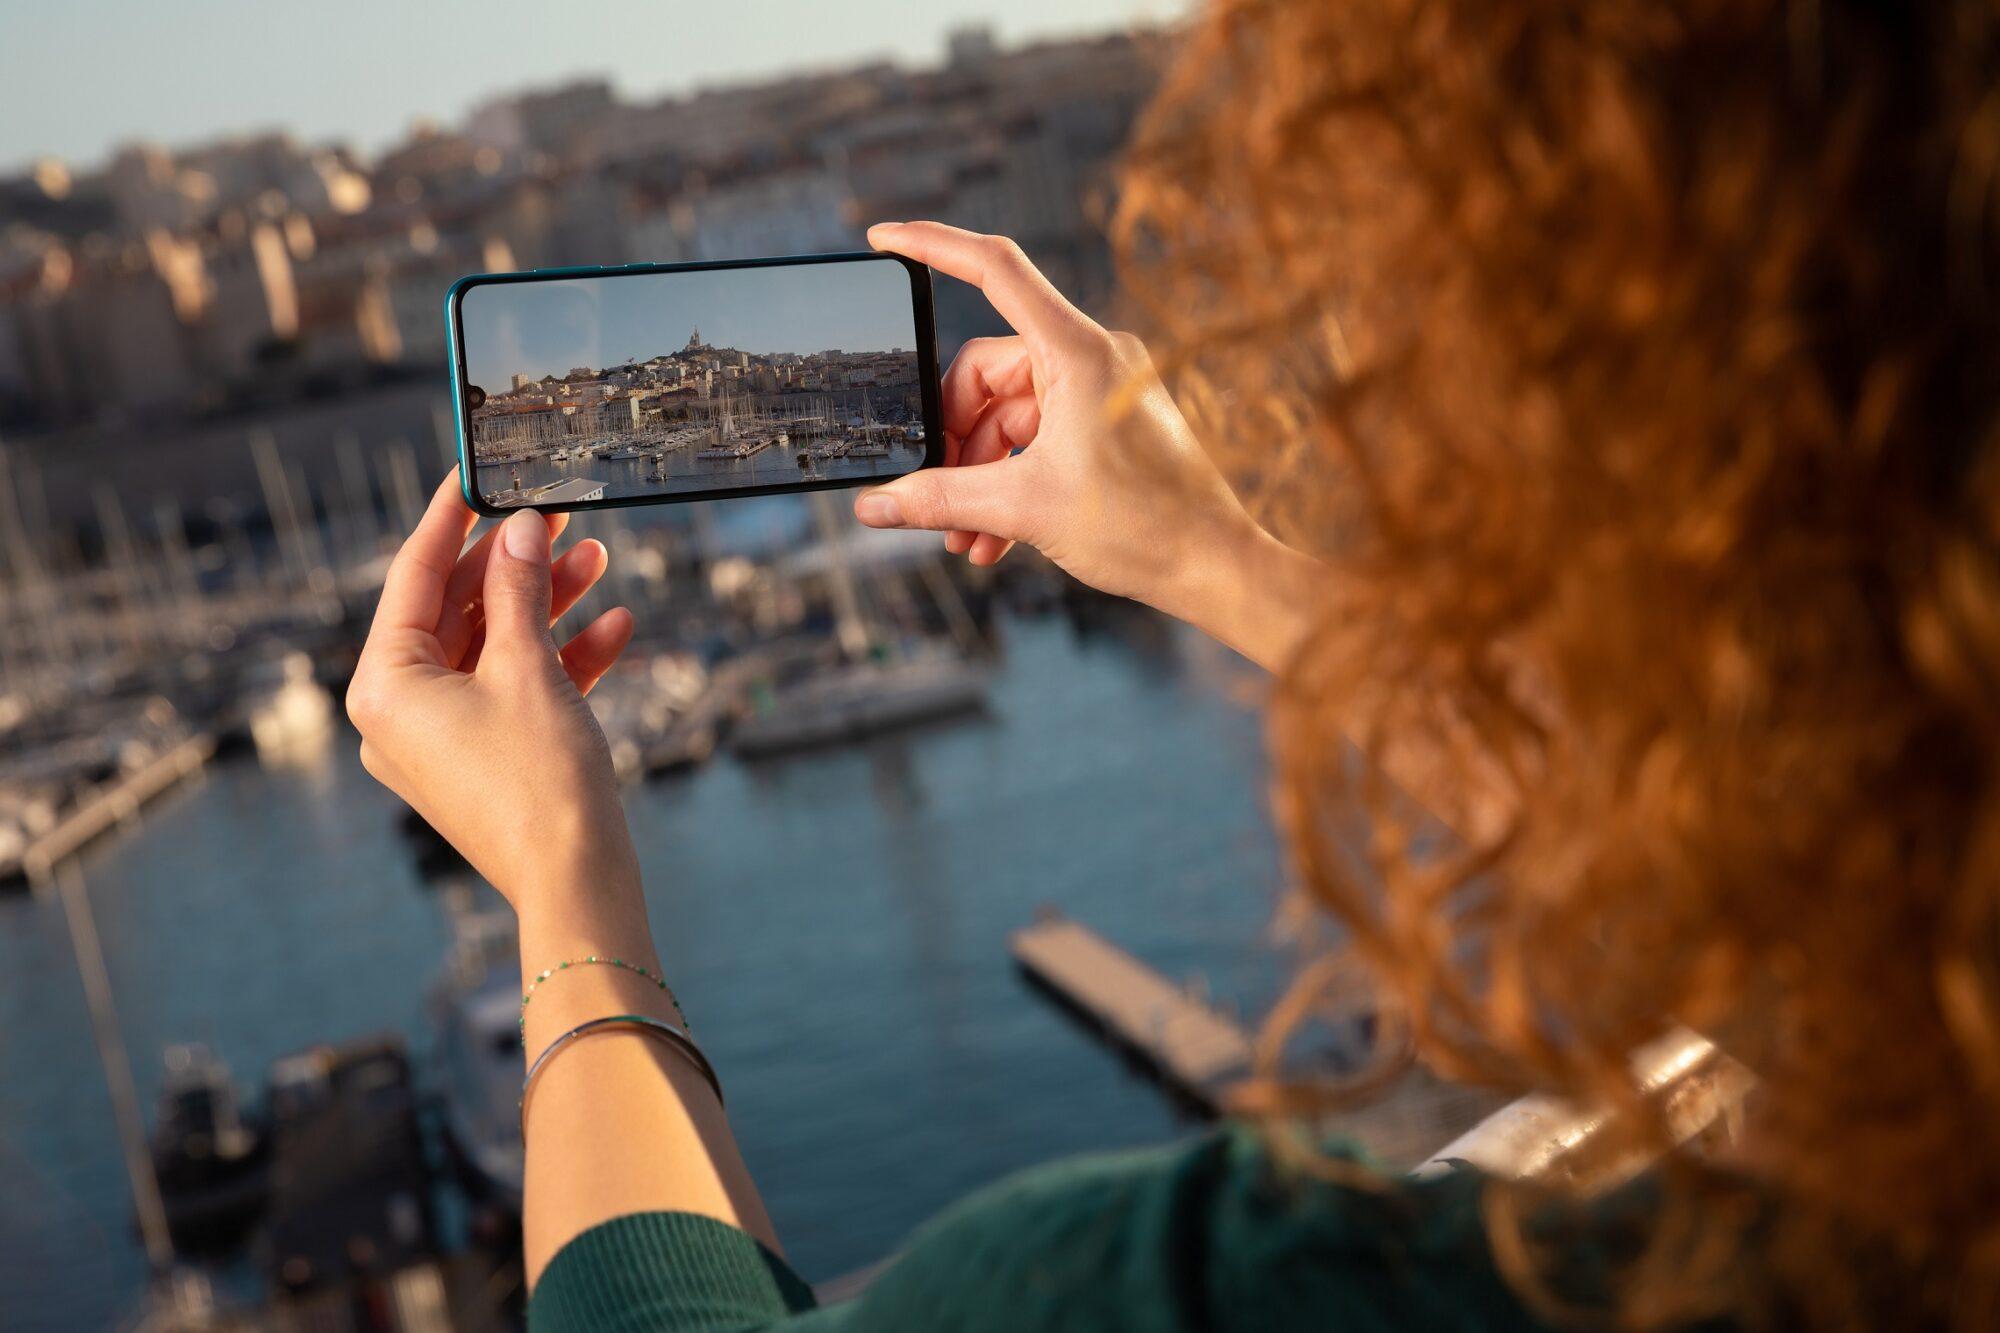 Wiko View3 Special Edition: 3 giorni per acquistarlo ad un prezzo scontato thumbnail